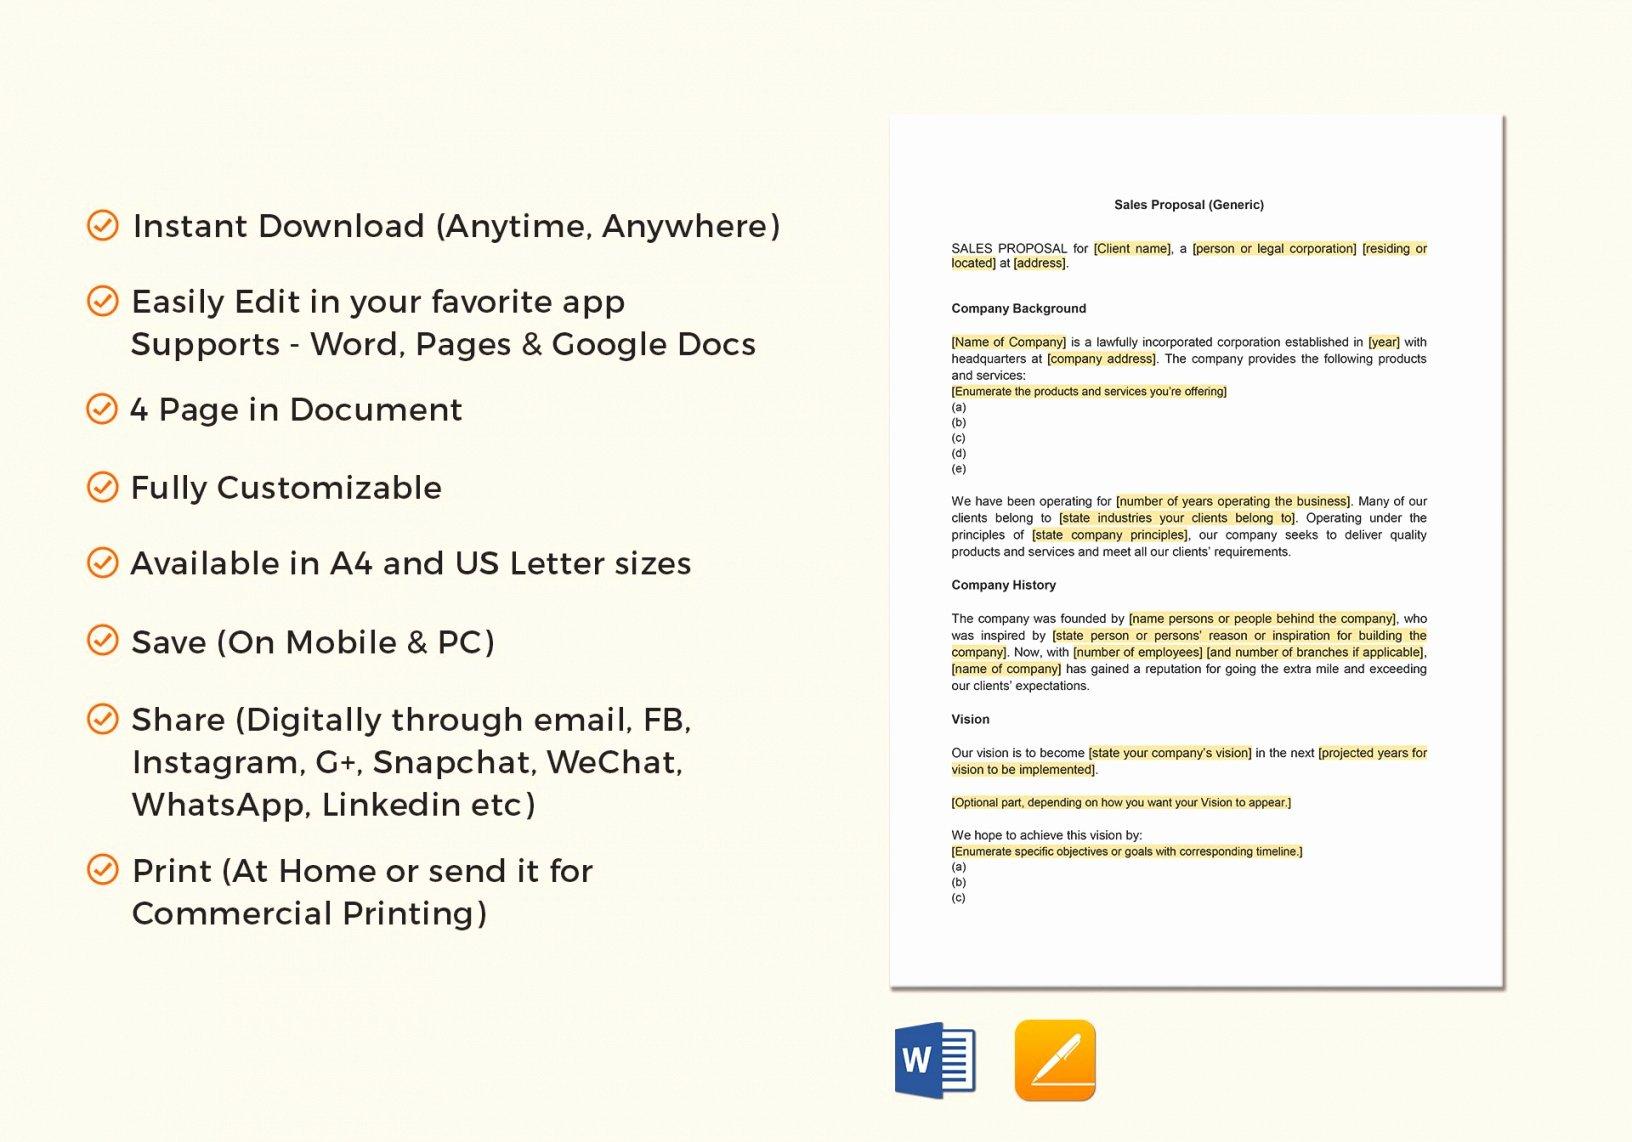 Proposal Template Google Docs Inspirational Sales Proposal Template In Word Google Docs Apple Pages